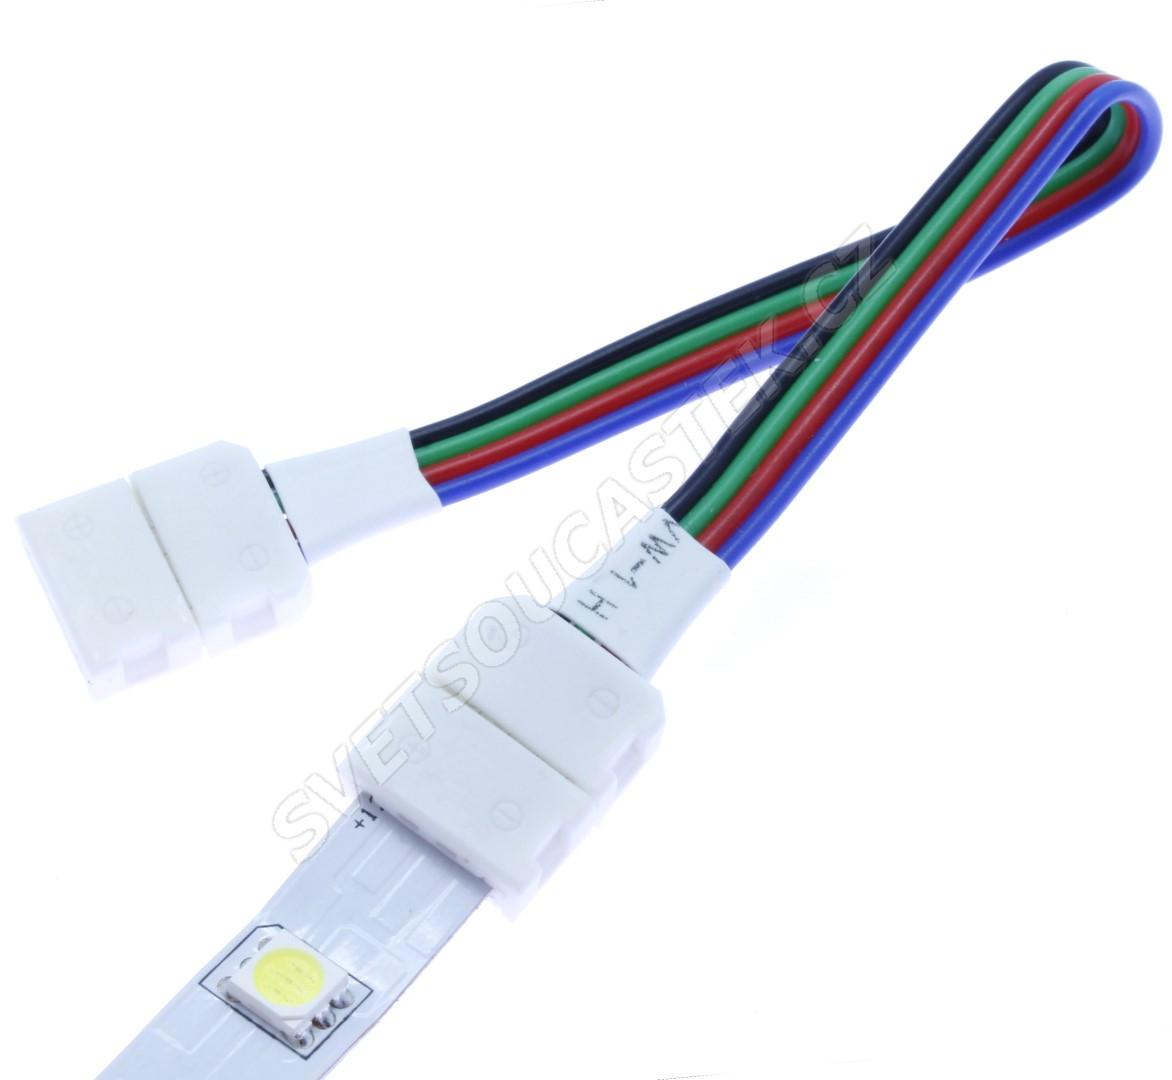 Propojovací kablík pro 10mm LED pásky - Hebei 10mm Connector 122400007